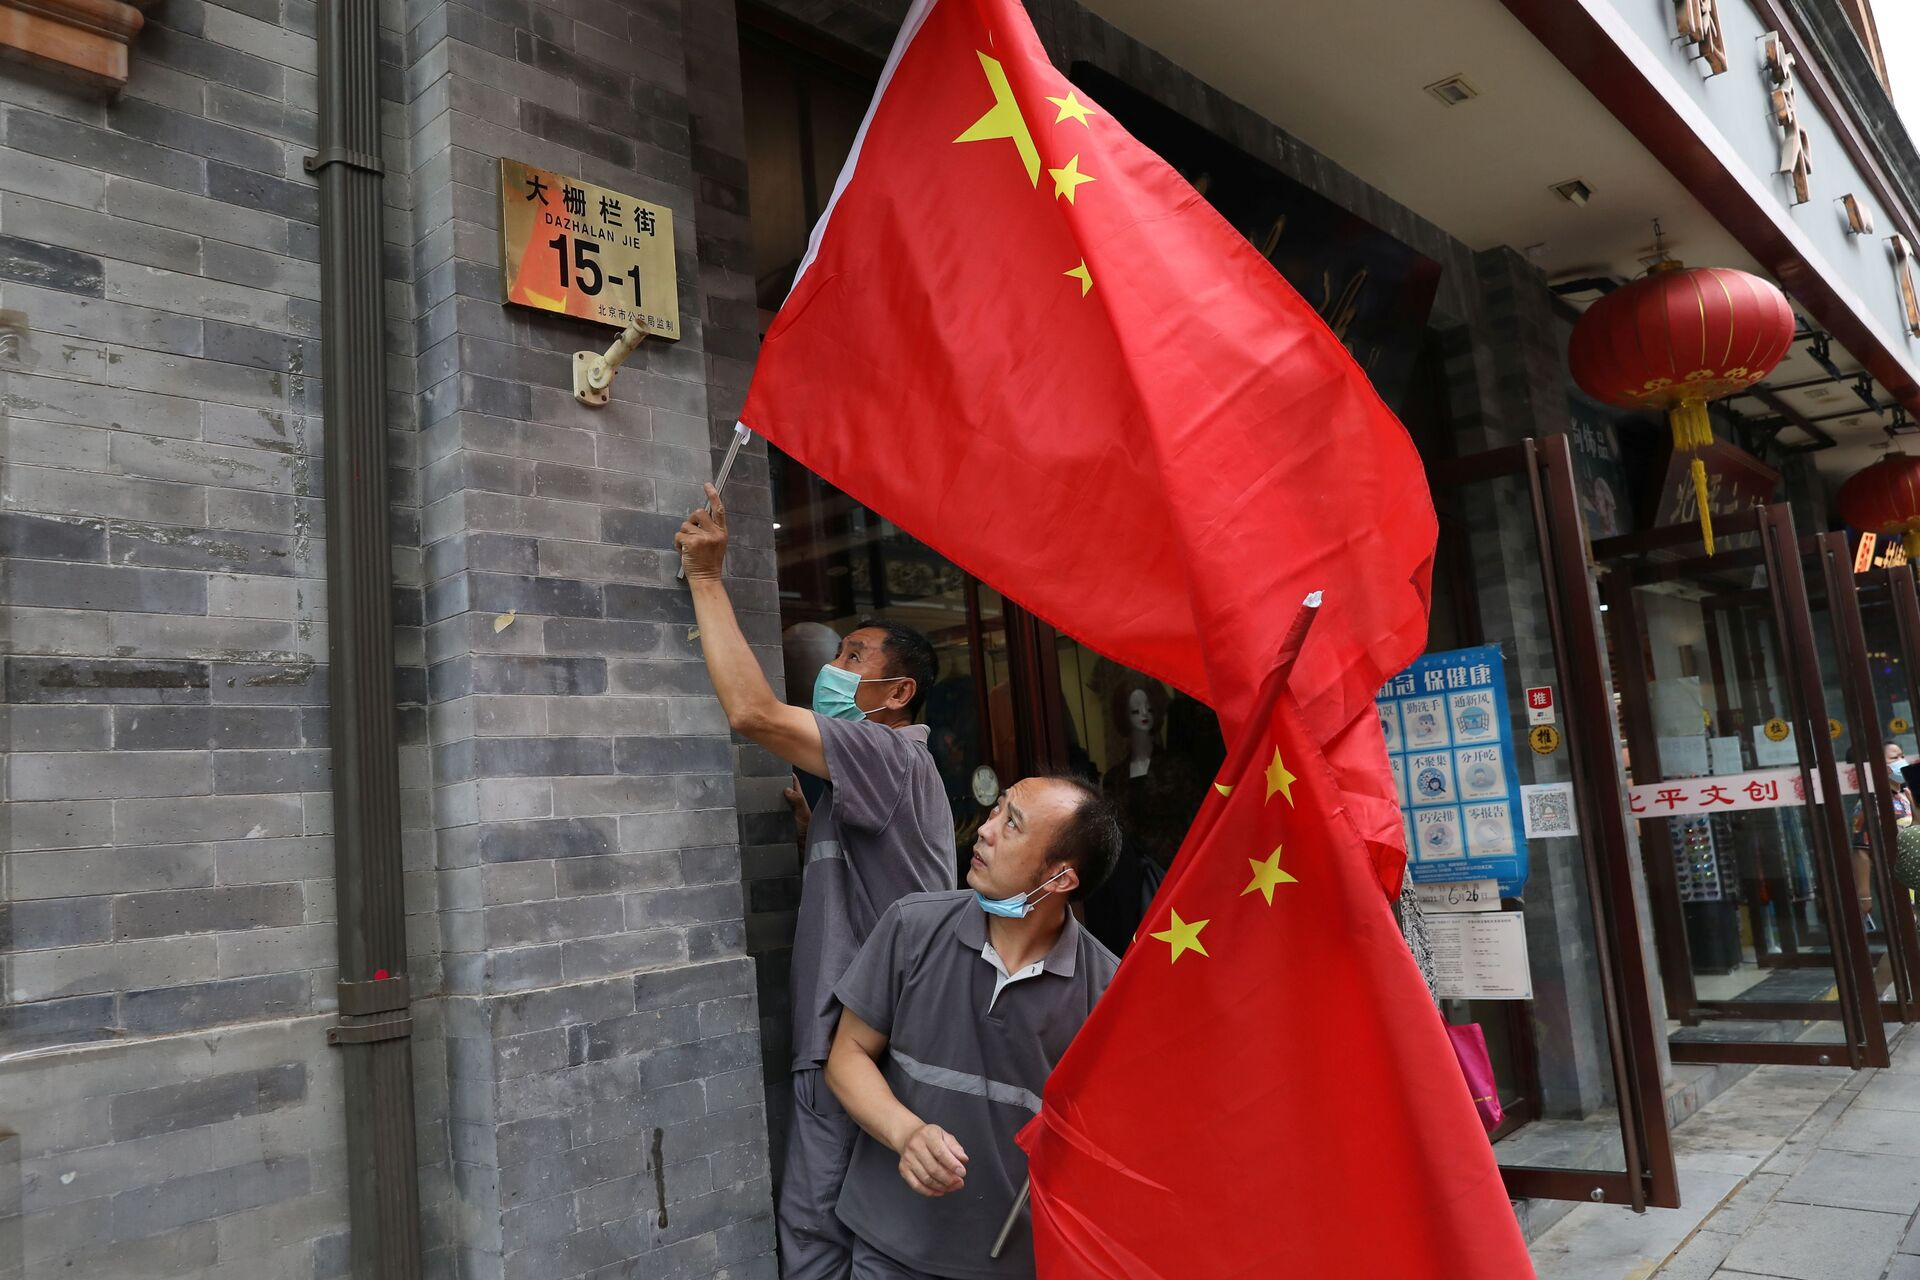 Lời khuyên tai hại. Cộng sản Trung Quốc học được gì từ sự tan rã của Liên Xô - Sputnik Việt Nam, 1920, 01.07.2021